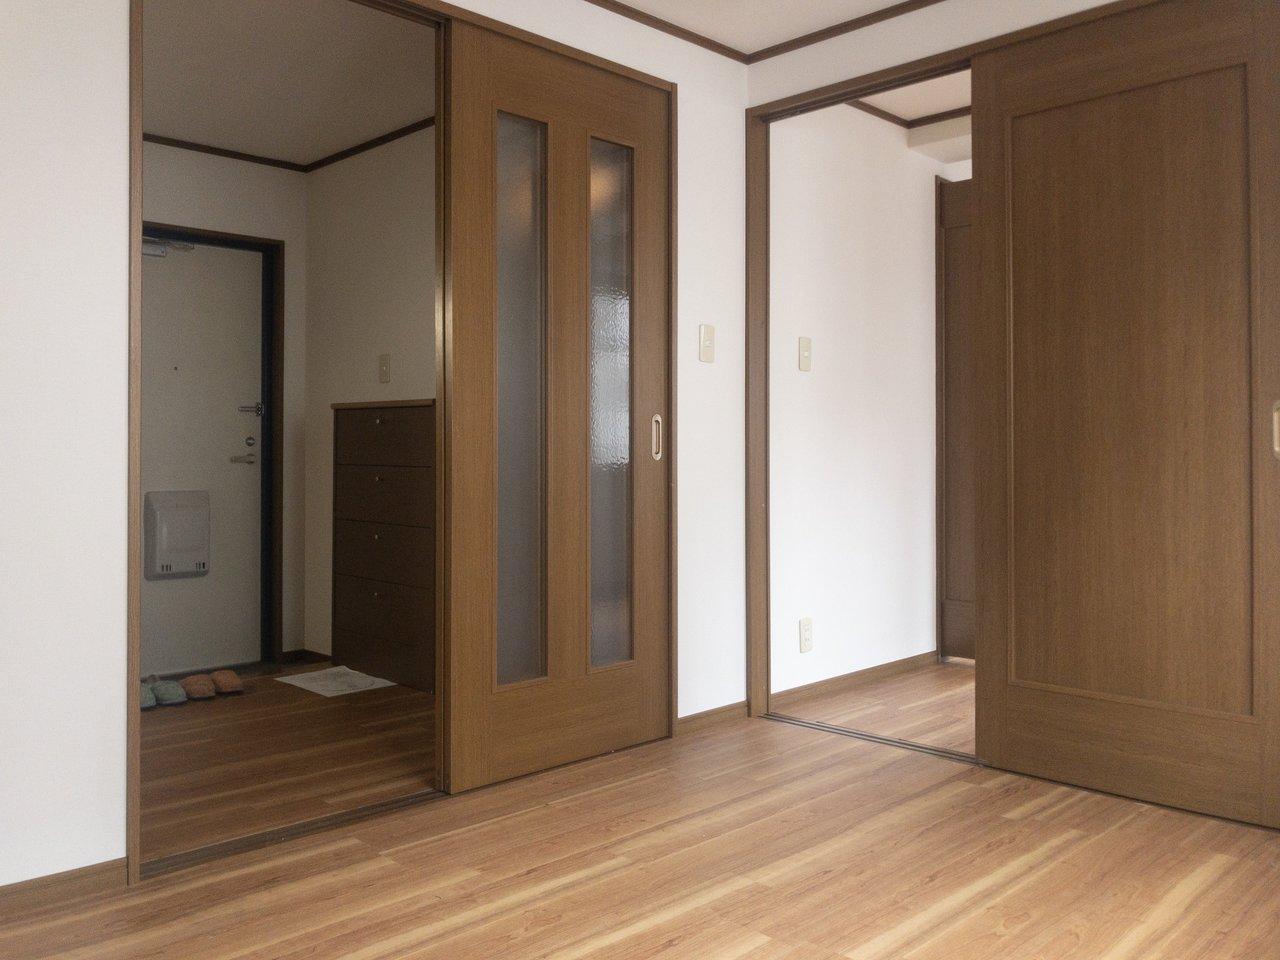 ほんのり和テイストのお部屋です。町の雰囲気も相まって、まったり暮らせそう。